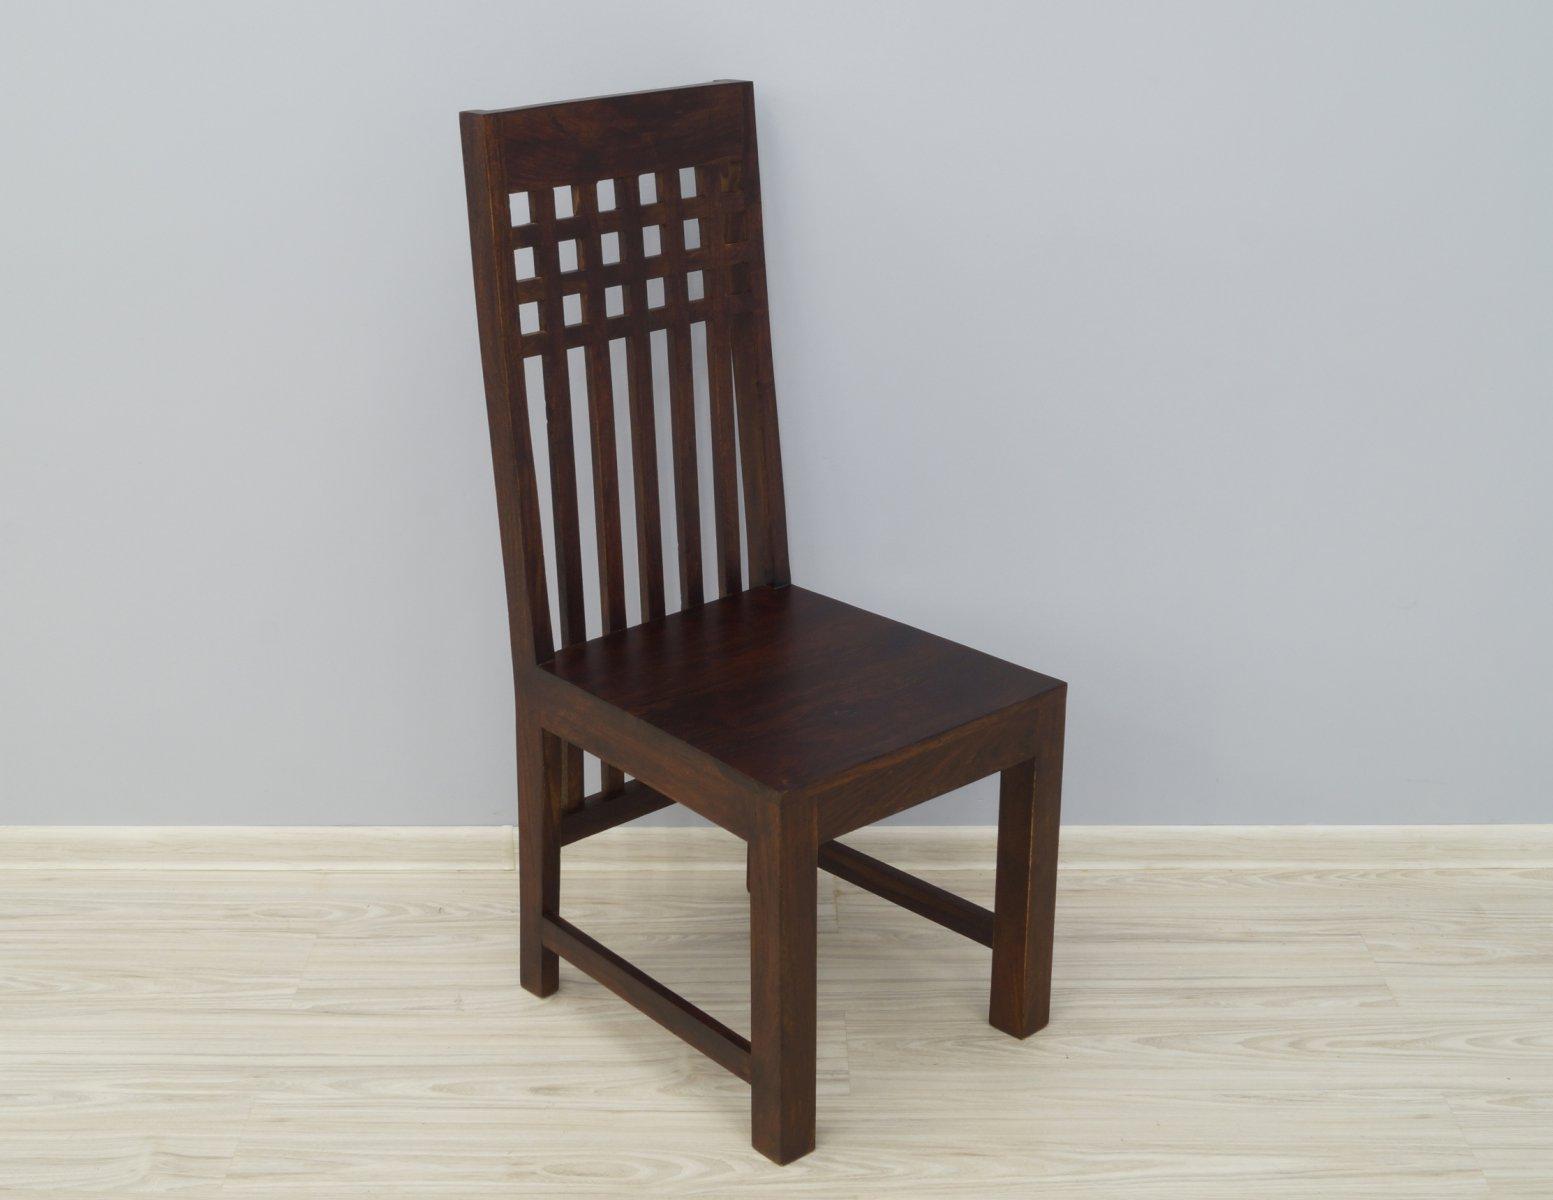 Krzesło kolonialne lite drewno palisander indyjski ciemny brąz wysokie oparcie